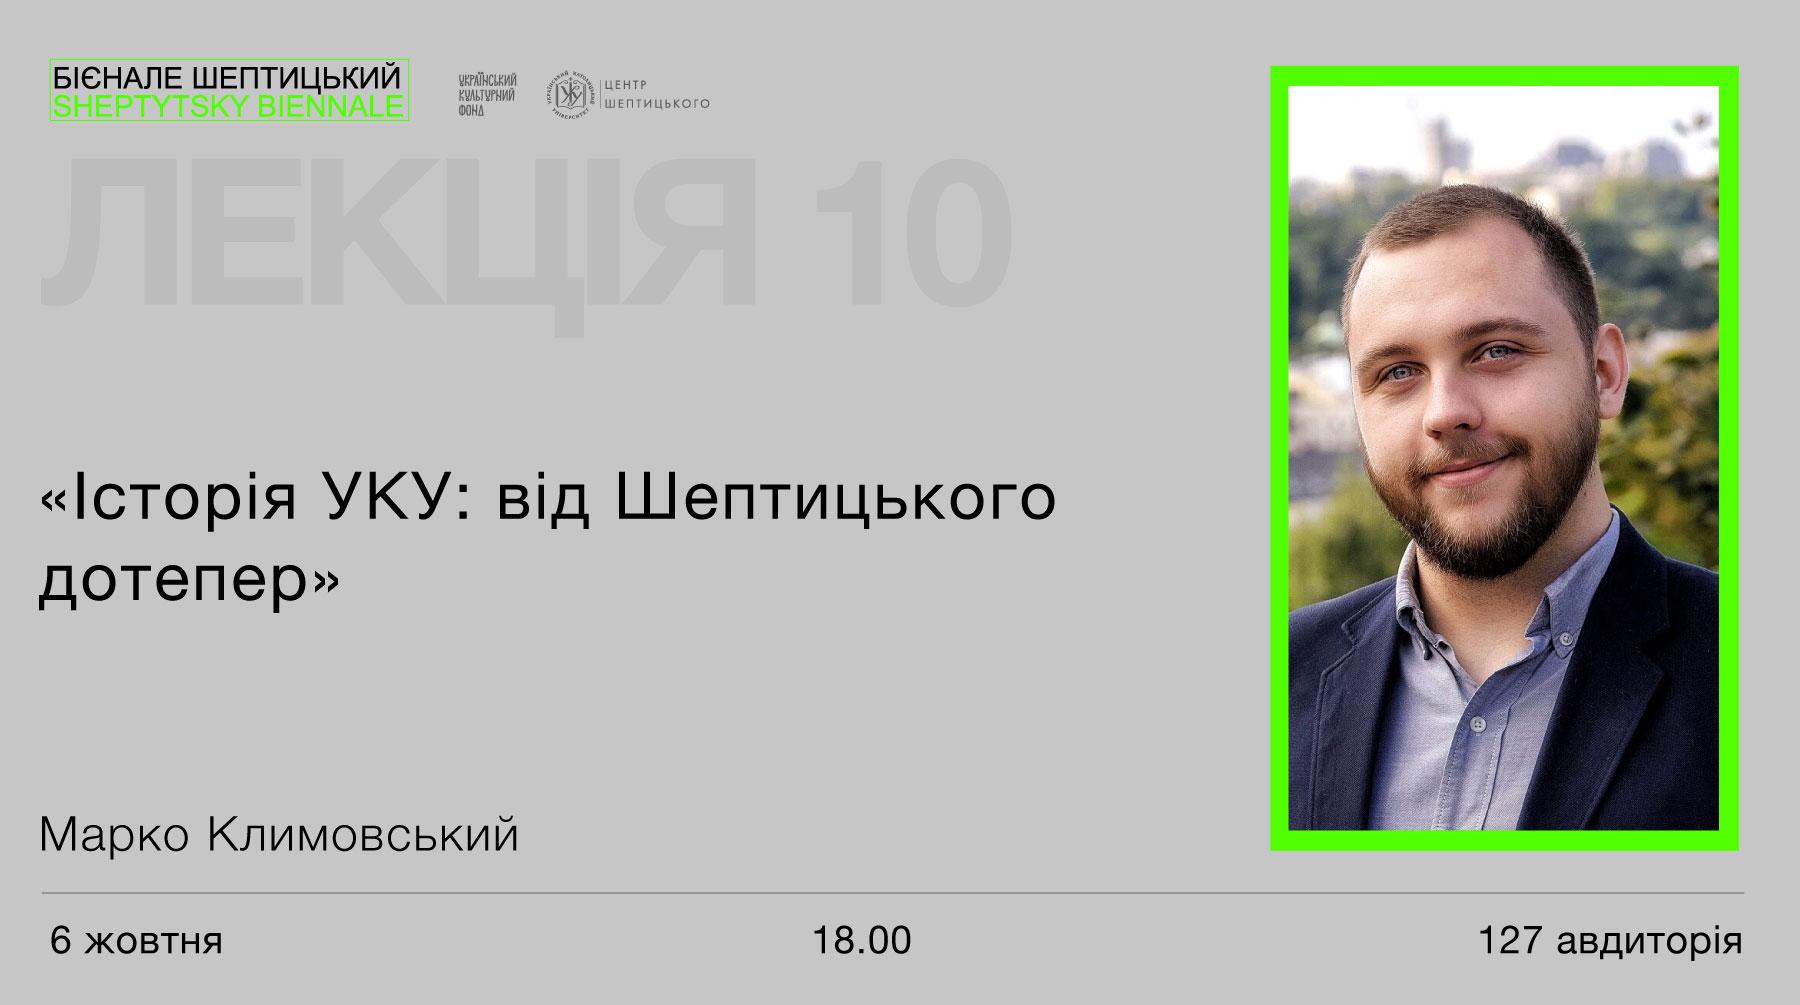 """Лекція Марка Климовського в рамках """"Бієнале Шептицький"""""""